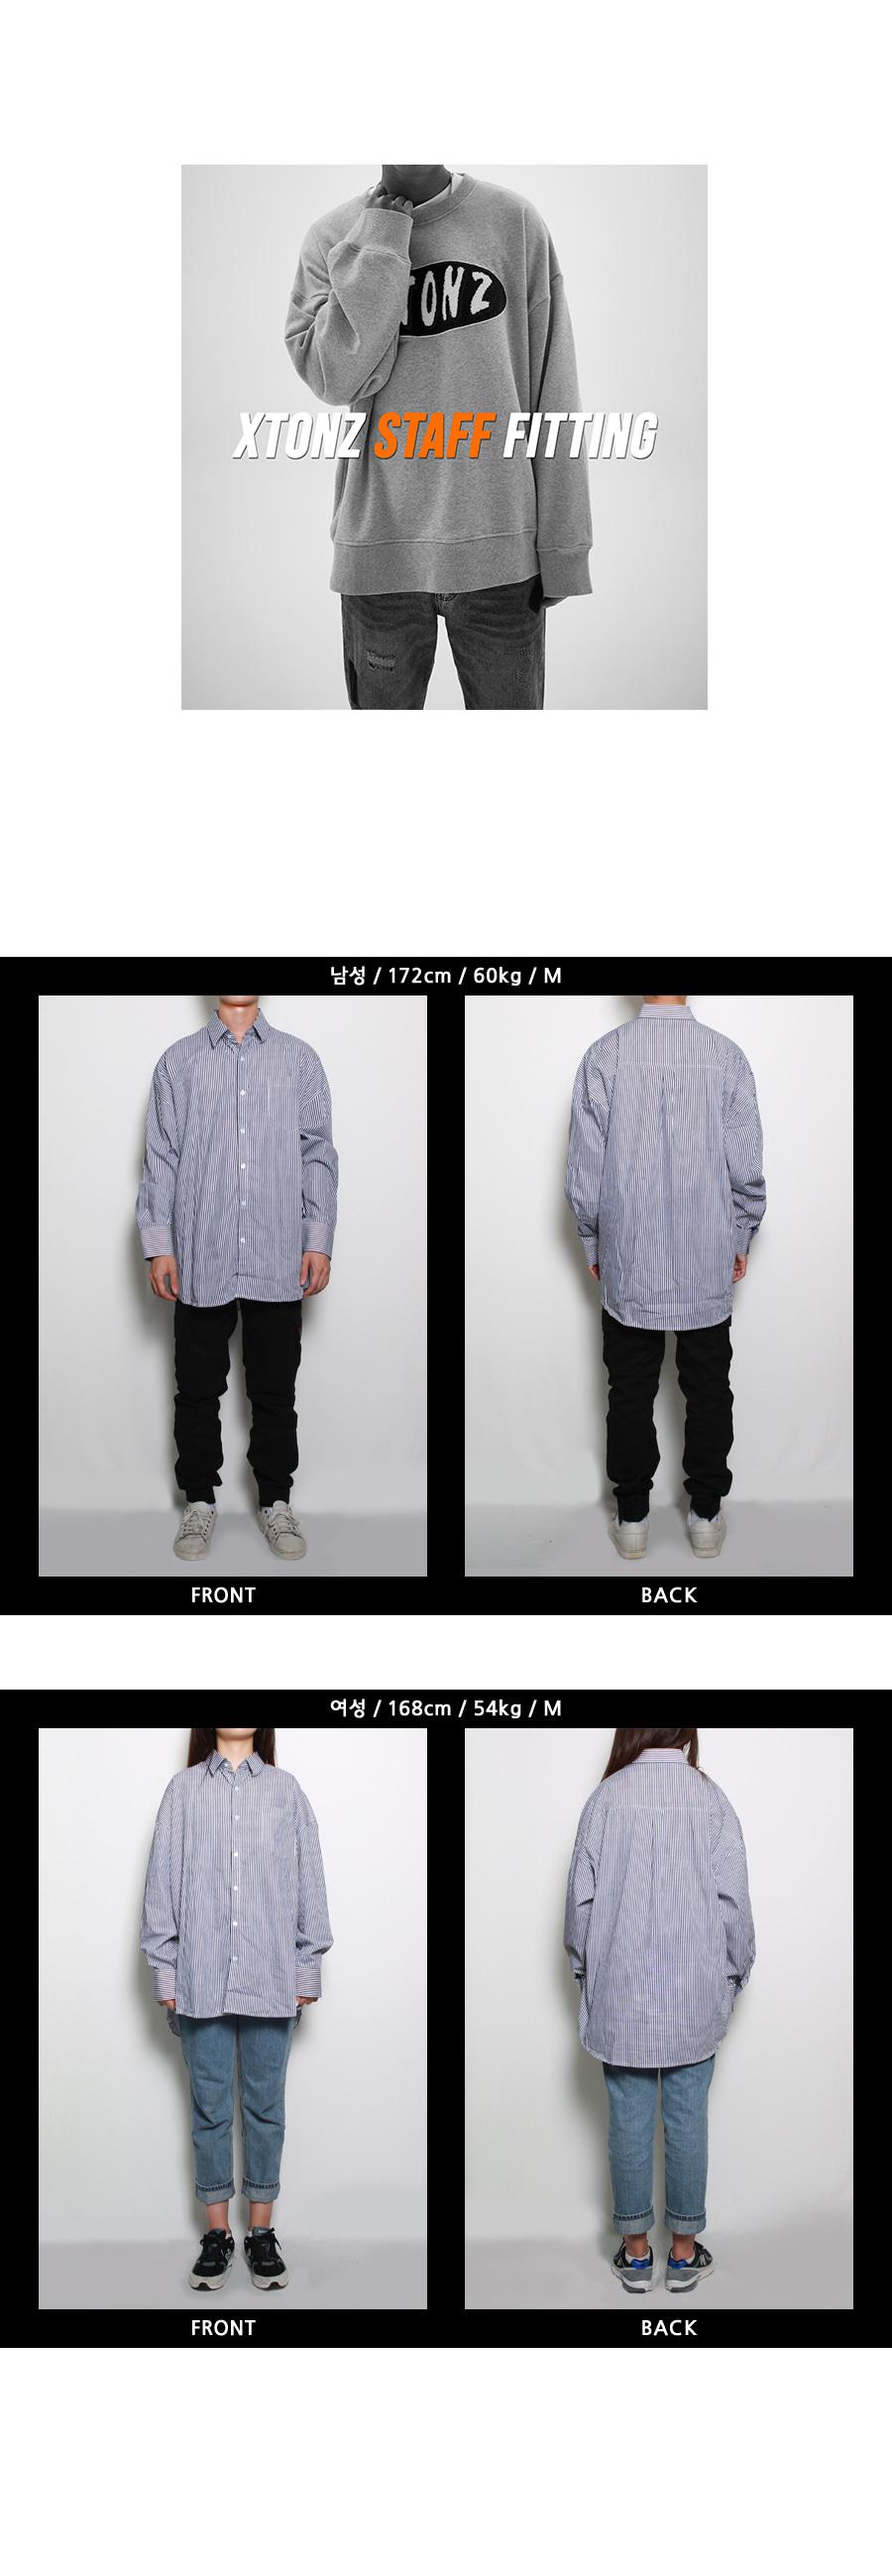 엑스톤즈 (XTONZ) XT7 오버핏 커프스 셔츠(STRIPE)